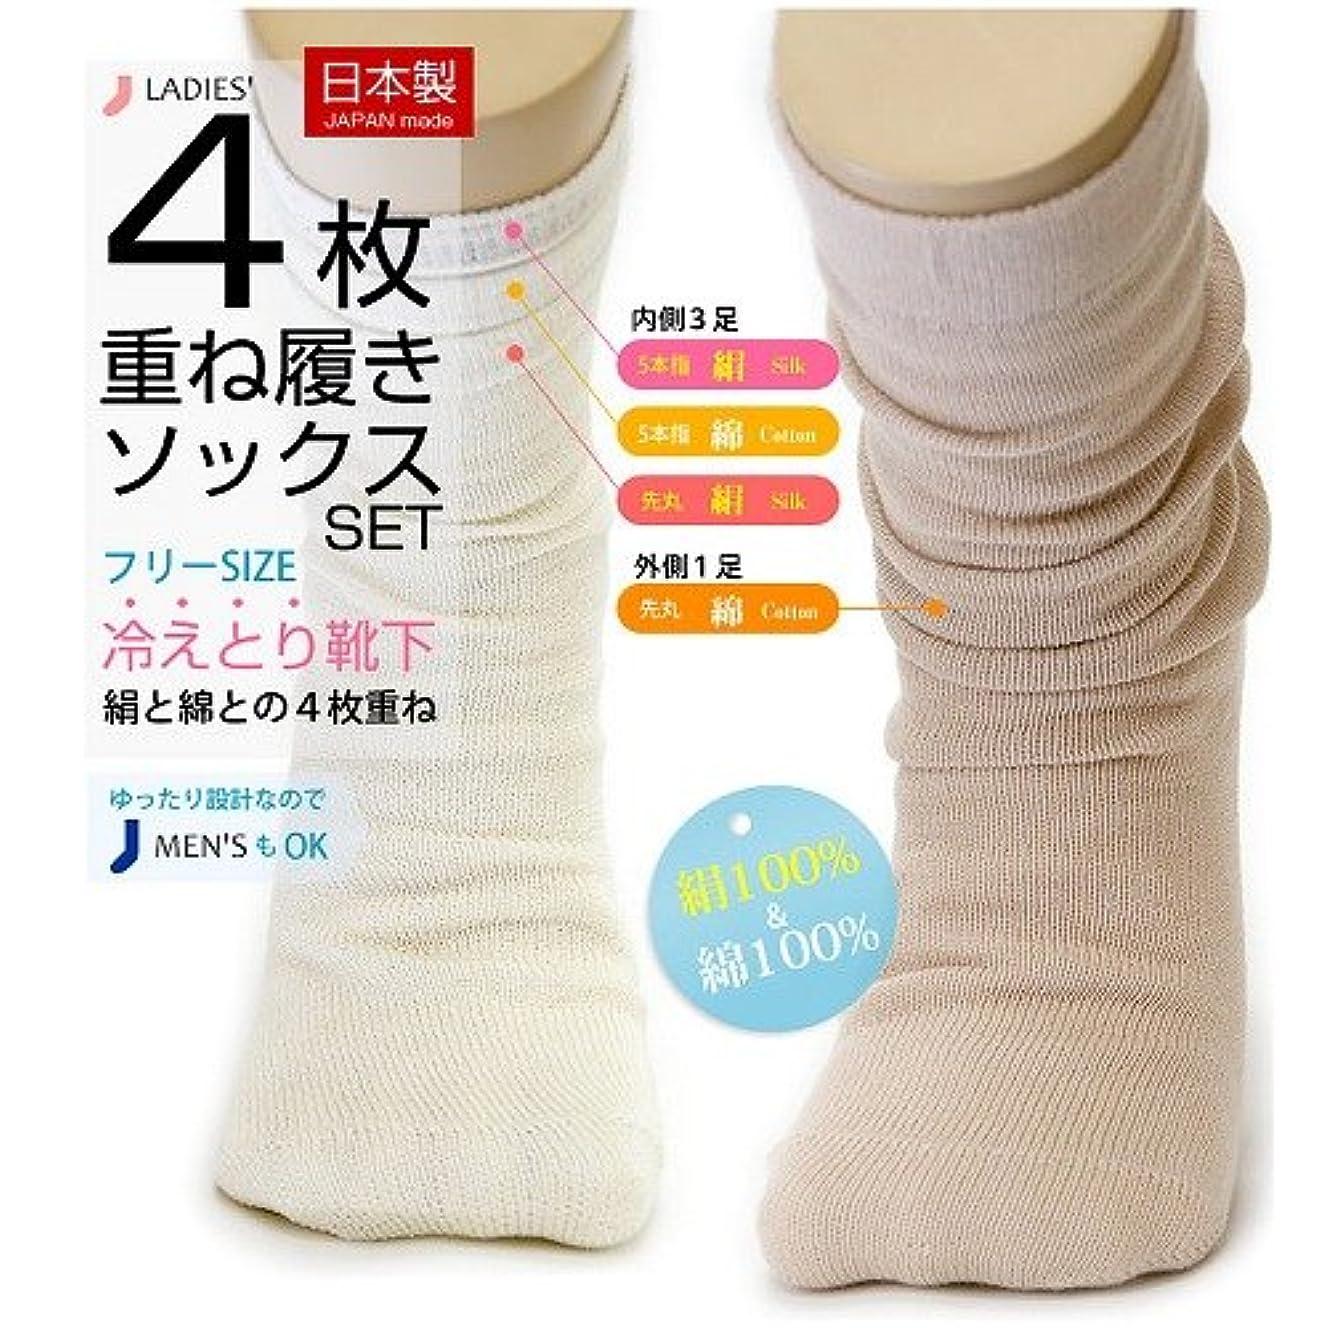 深くビスケットホームレス冷え取り靴下 綿100%とシルク100% 最高級の日本製 4枚重ねばきセット(外側チャコール)